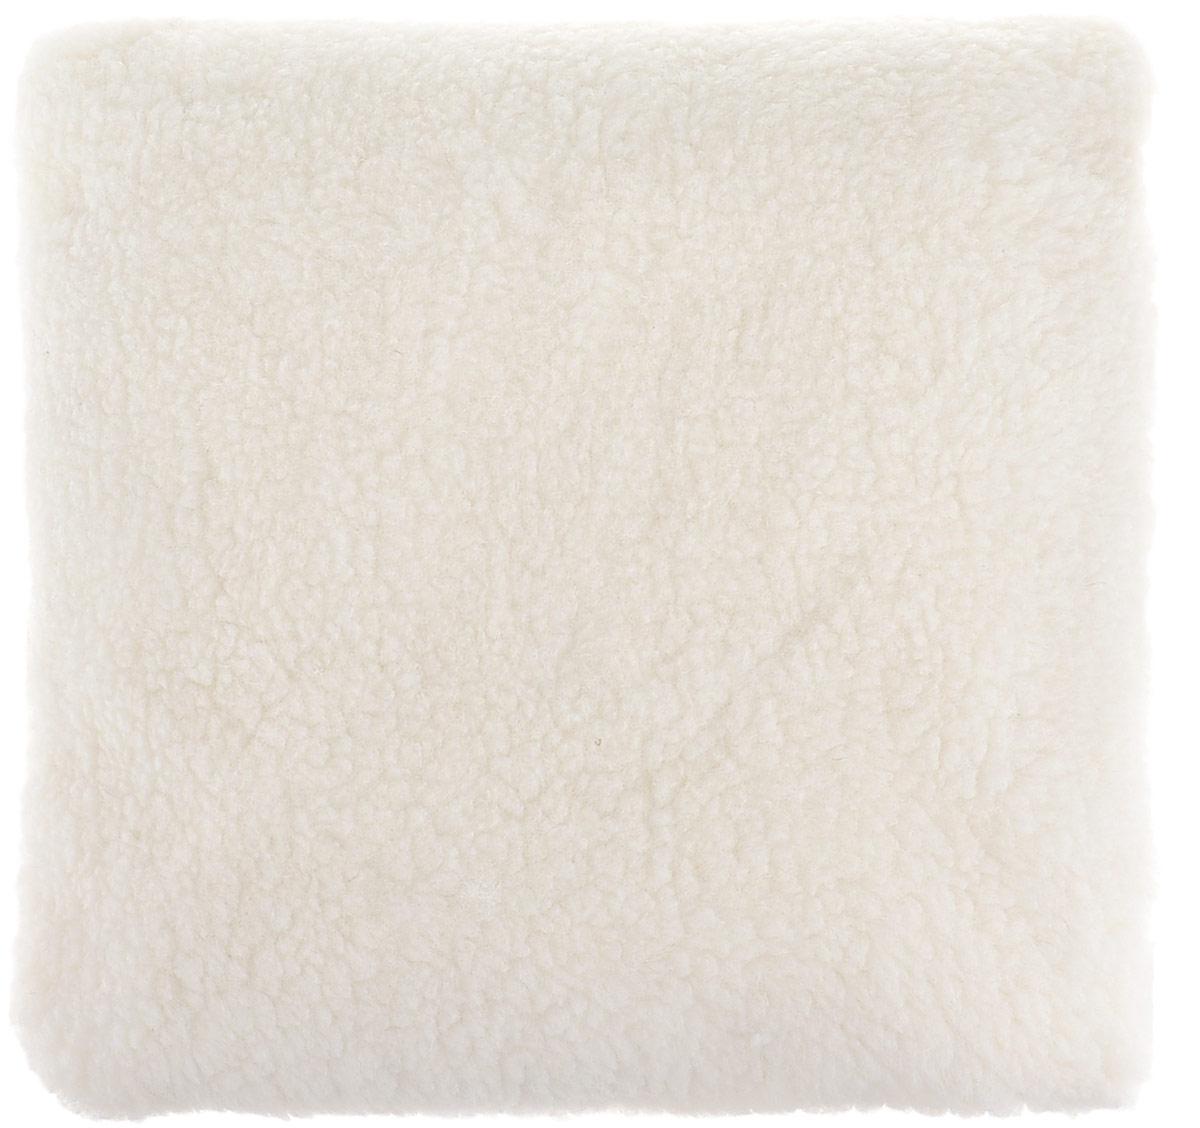 Подушка Bio-Textiles Здоровый сон, наполнитель: лузга гречихи, 40 х 40 смZS875Подушка Bio-Textiles Здоровый сон - модель, в качестве наполнителя для которой используетсяовечья шерсть вместе с натуральной лузгой гречихи.У такого сочетания массапреимуществ:-изделие отличается хорошими дышащими и теплоизоляционными свойствами; -обладает ортопедическим эффектом; -не электризуется, не притягивает пыль; -сохраняет форму длительный срок; -способствует снятию напряжения и полноценному отдыху. Состав:наполнитель - лузга гречихи; чехол из натурального овечьего меха. Рекомендации по уходу:Наполнитель стирке не подлежит, его необходимо пересыпать в пакет.